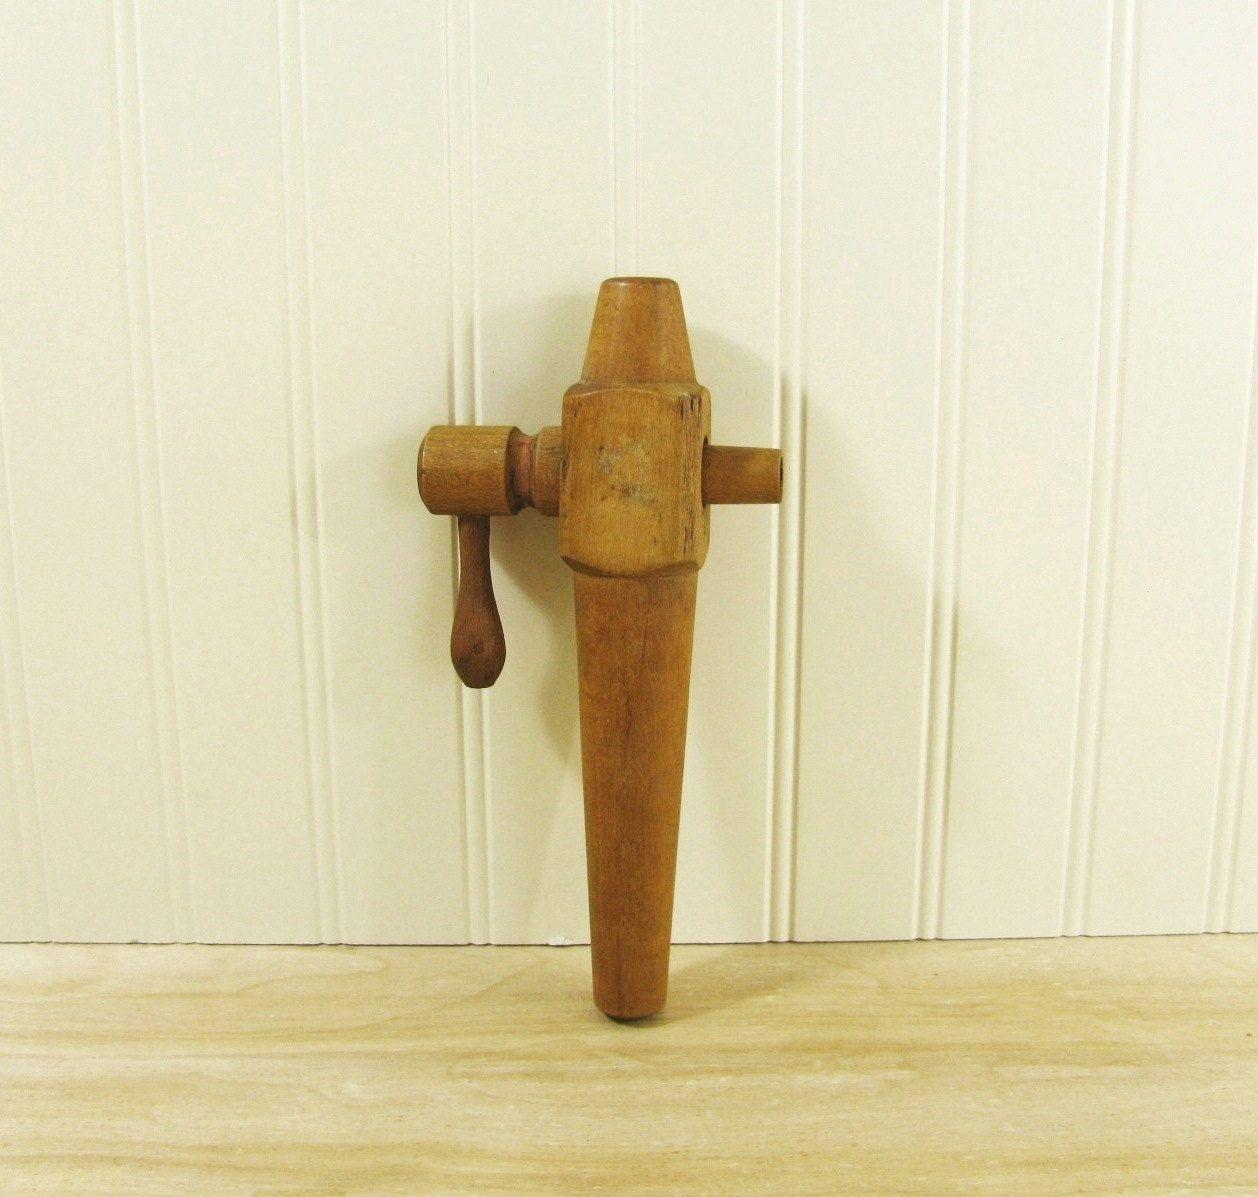 Vintage Wooden Spigot Wooden Tap Antique Spigot Primitive Decor ...